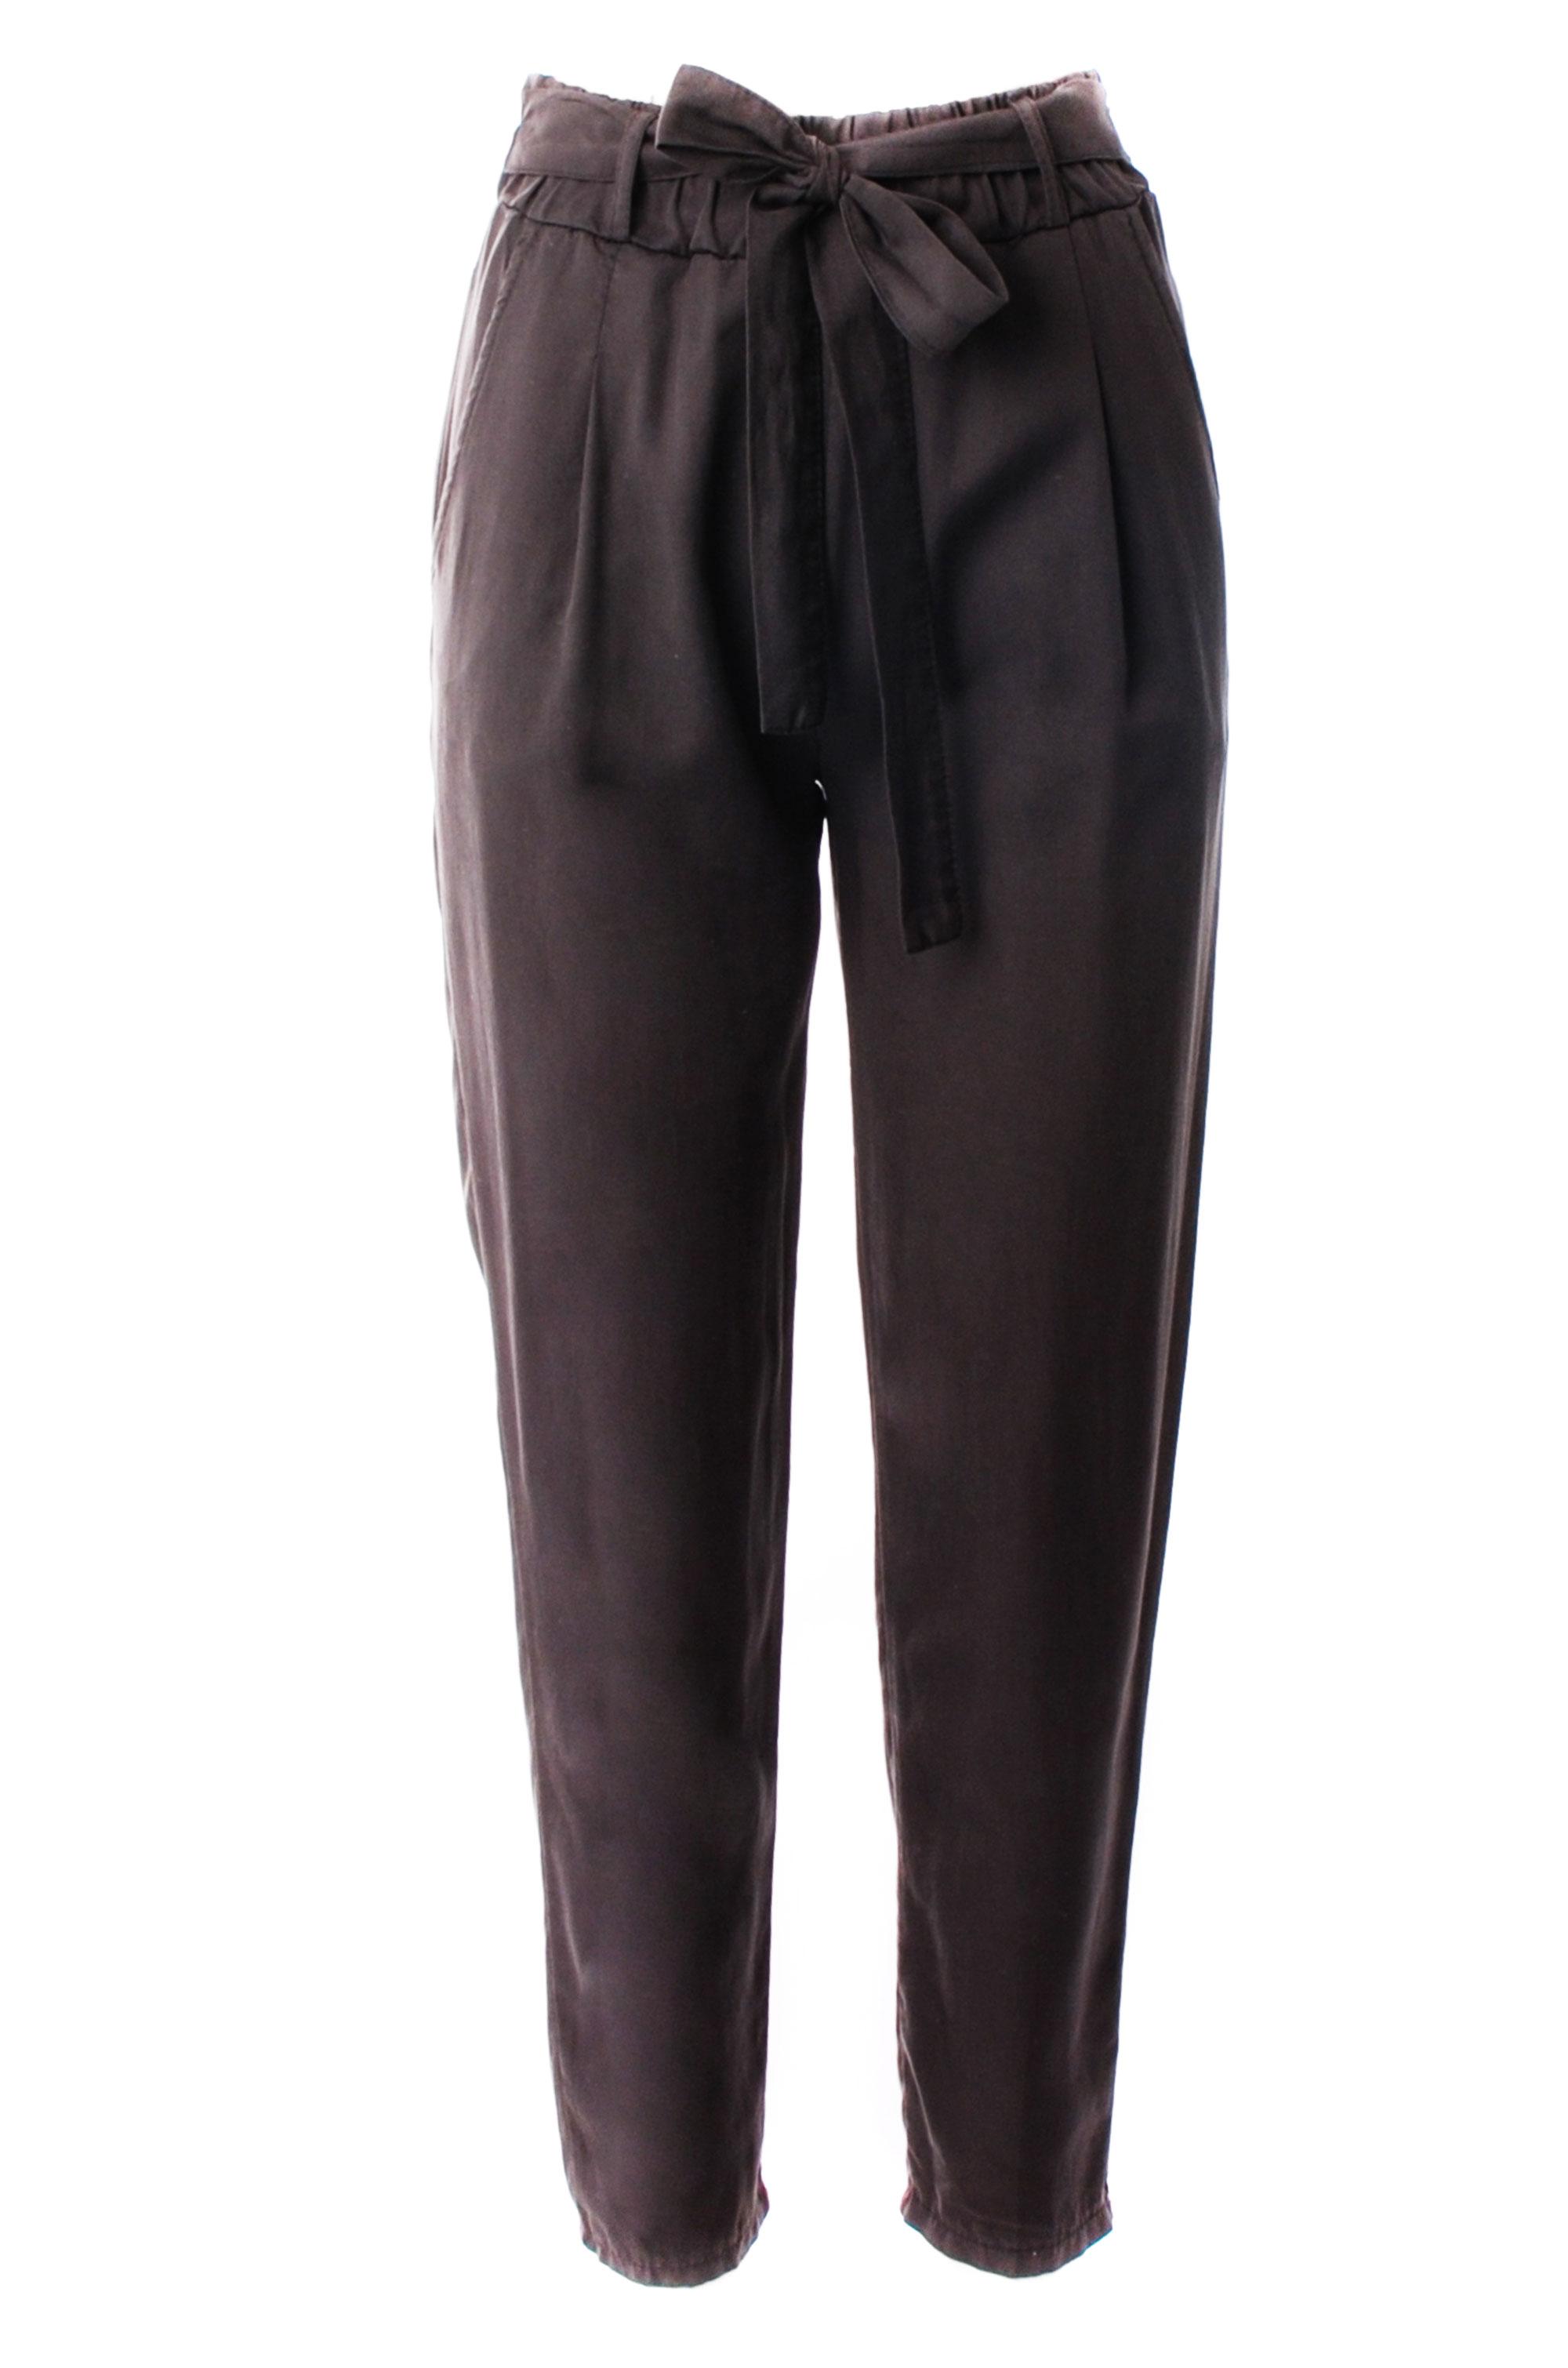 Spodnie - 44-6616 PIOMB - Unisono